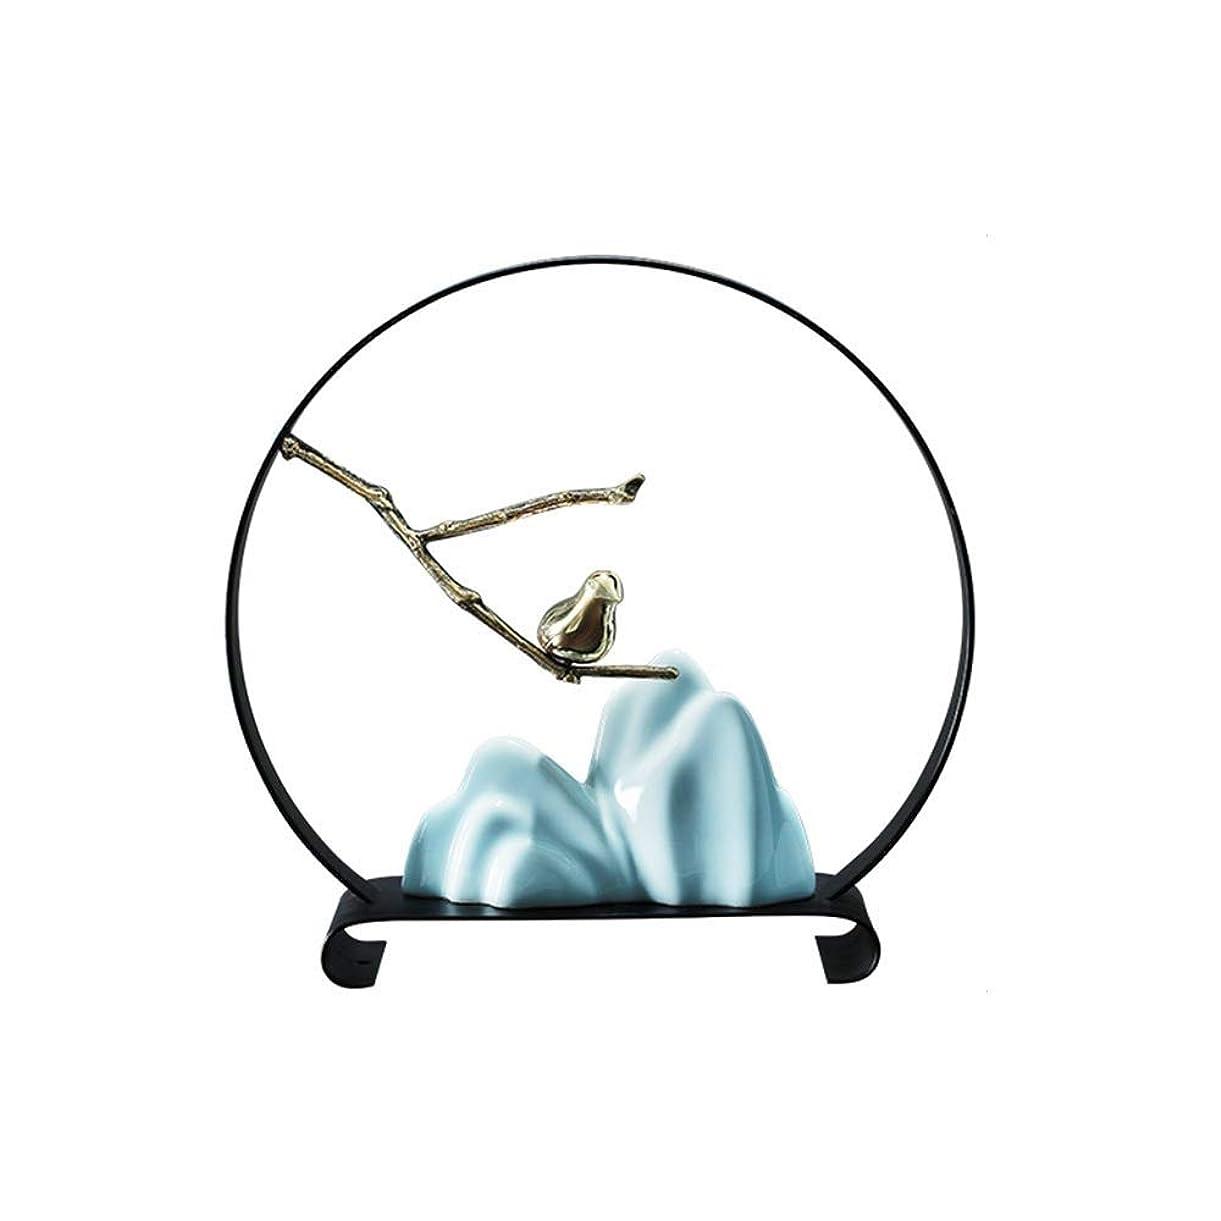 蒸発寛大さつぶやき鳥の装飾、セラミックRockery鳥の装飾品銅支店テレビキャビネットモデルルームホワイエポーチ装飾工芸品